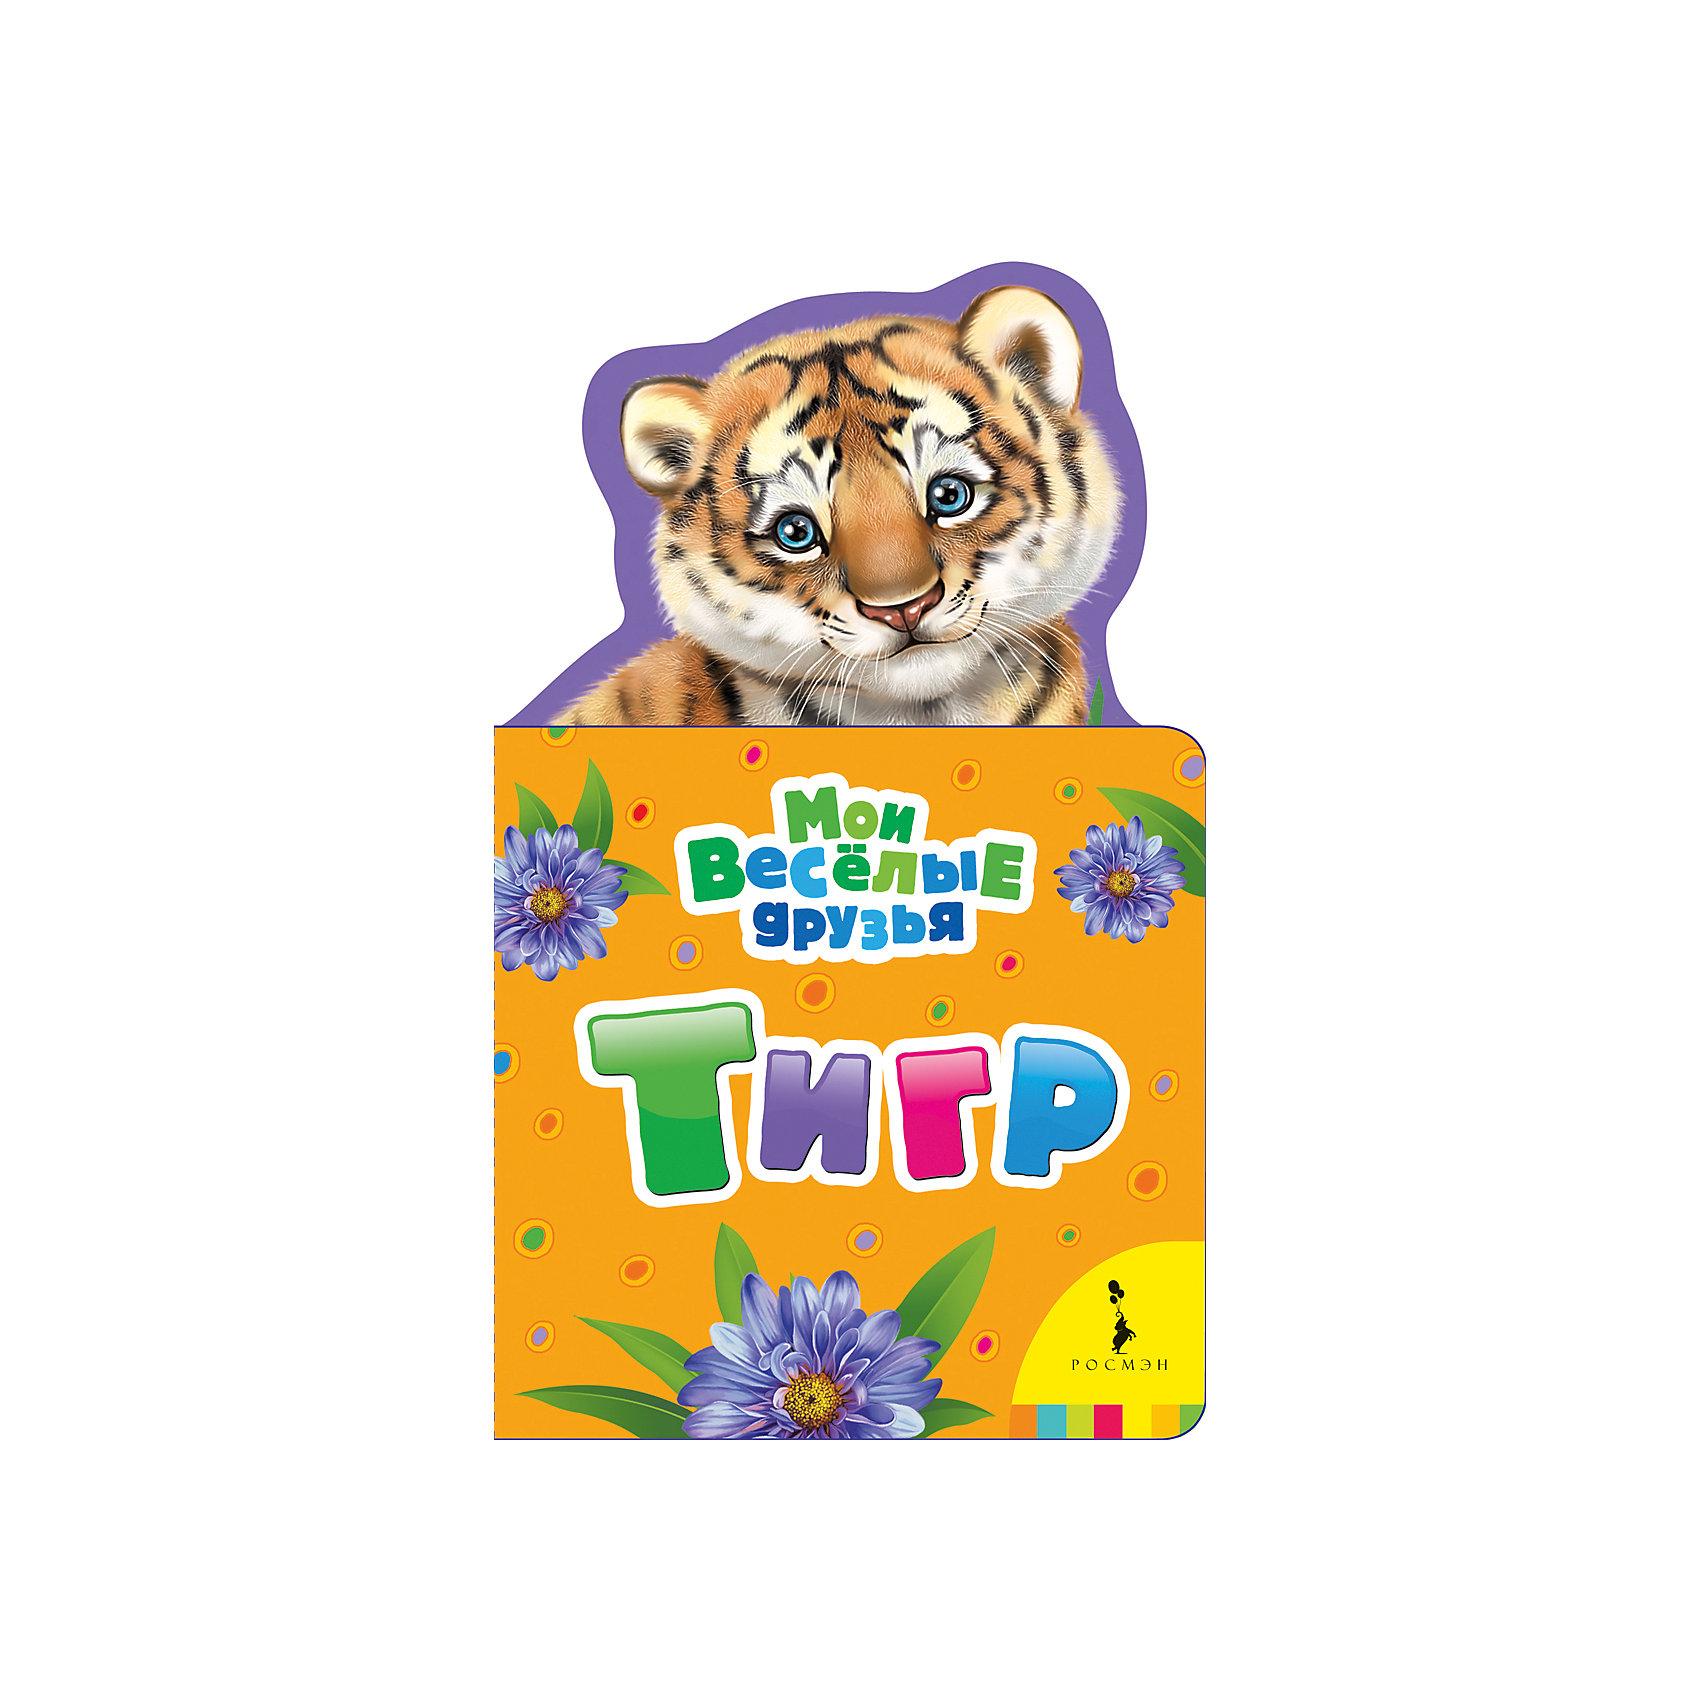 Тигр, Мои веселые друзьяХарактеристики товара:<br><br>- цвет: разноцветный;<br>- материал: картон;<br>- страниц: 12;<br>- формат: 21 х 13 см;<br>- обложка: картон;<br>- с вырубкой. <br><br>Издания серии Мои веселые друзья - отличный способ занять ребенка! Эта красочная книга станет отличным подарком для родителей и малыша. Она содержит в себе рассказ о животных, которых так любят дети. Отличный способ привить малышу любовь к чтению! Удобный формат и плотные странички позволят брать книгу с собой в поездки.<br>Чтение и рассматривание картинок даже в юном возрасте помогает ребенку развивать память, концентрацию внимания и воображение. Издание произведено из качественных материалов, которые безопасны даже для самых маленьких.<br><br>Издание Тигр, Мои веселые друзья от компании Росмэн можно купить в нашем интернет-магазине.<br><br>Ширина мм: 205<br>Глубина мм: 125<br>Высота мм: 8<br>Вес г: 80<br>Возраст от месяцев: 0<br>Возраст до месяцев: 36<br>Пол: Унисекс<br>Возраст: Детский<br>SKU: 5110278